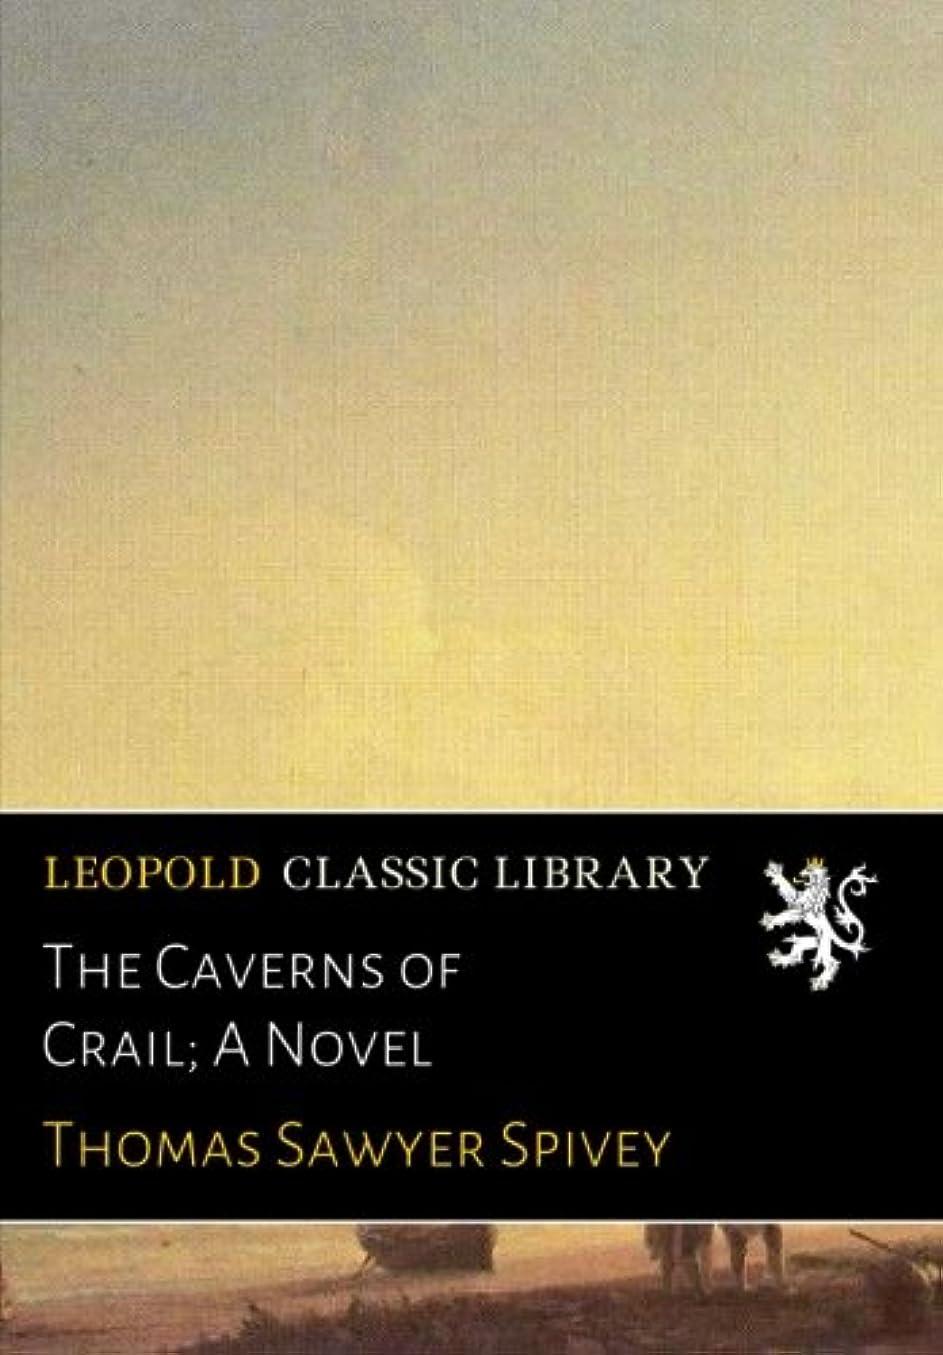 ブラシベール自信があるThe Caverns of Crail; A Novel